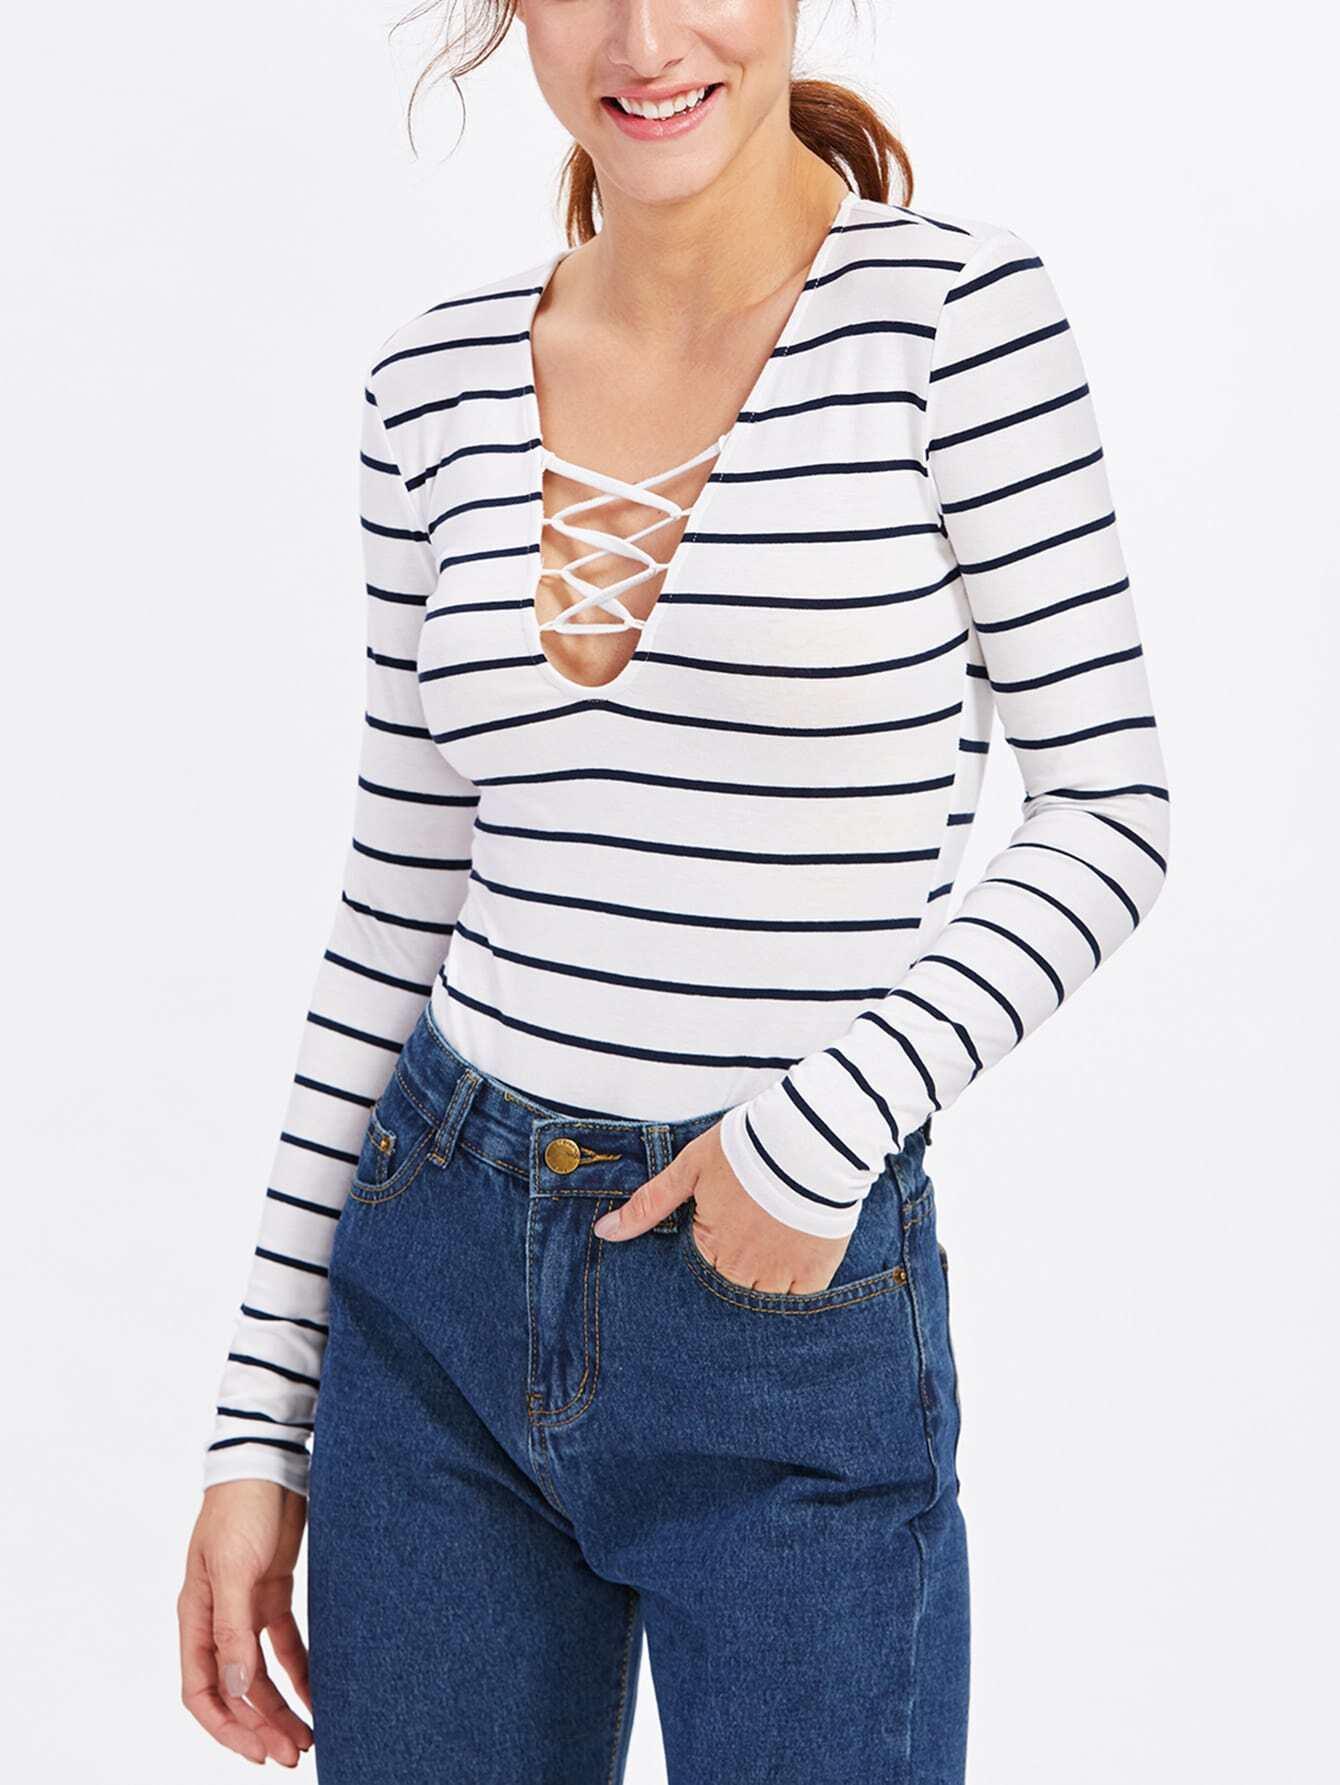 Crisscross Neck Slim Stripe Bodysuit bodysuit171020451